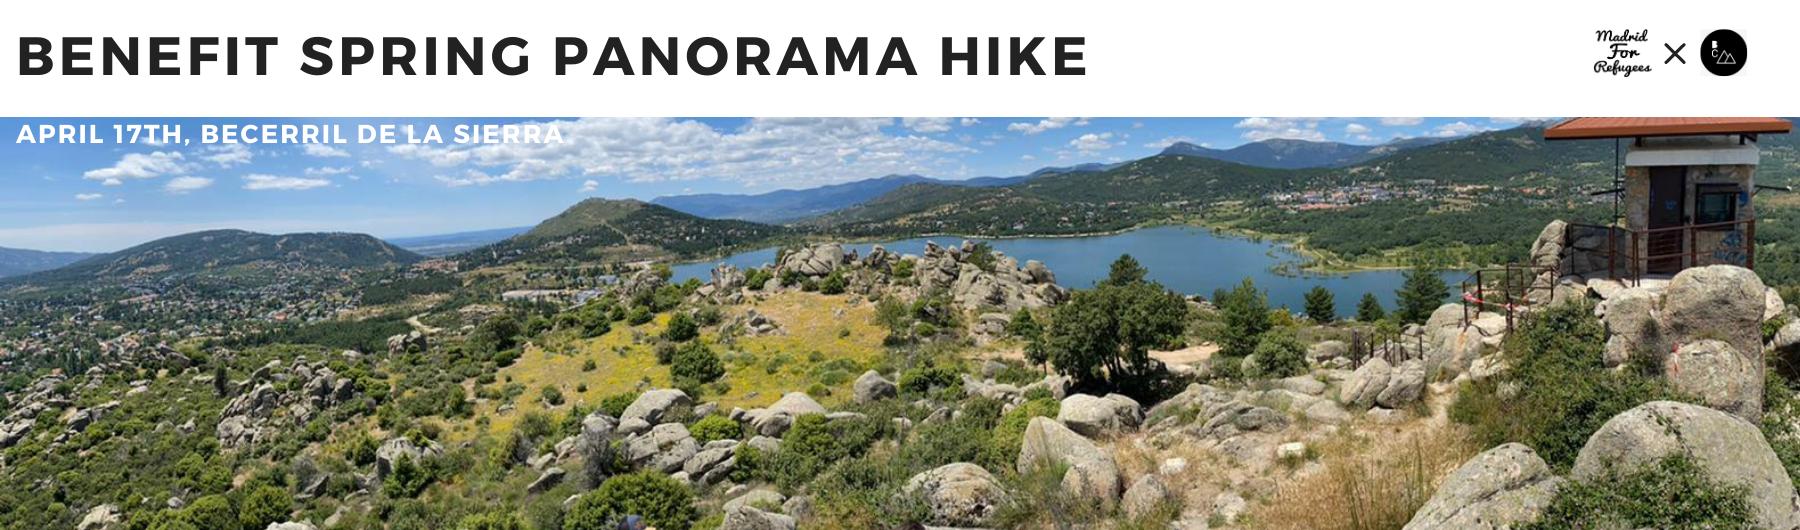 Benefit Spring Panorama Hike